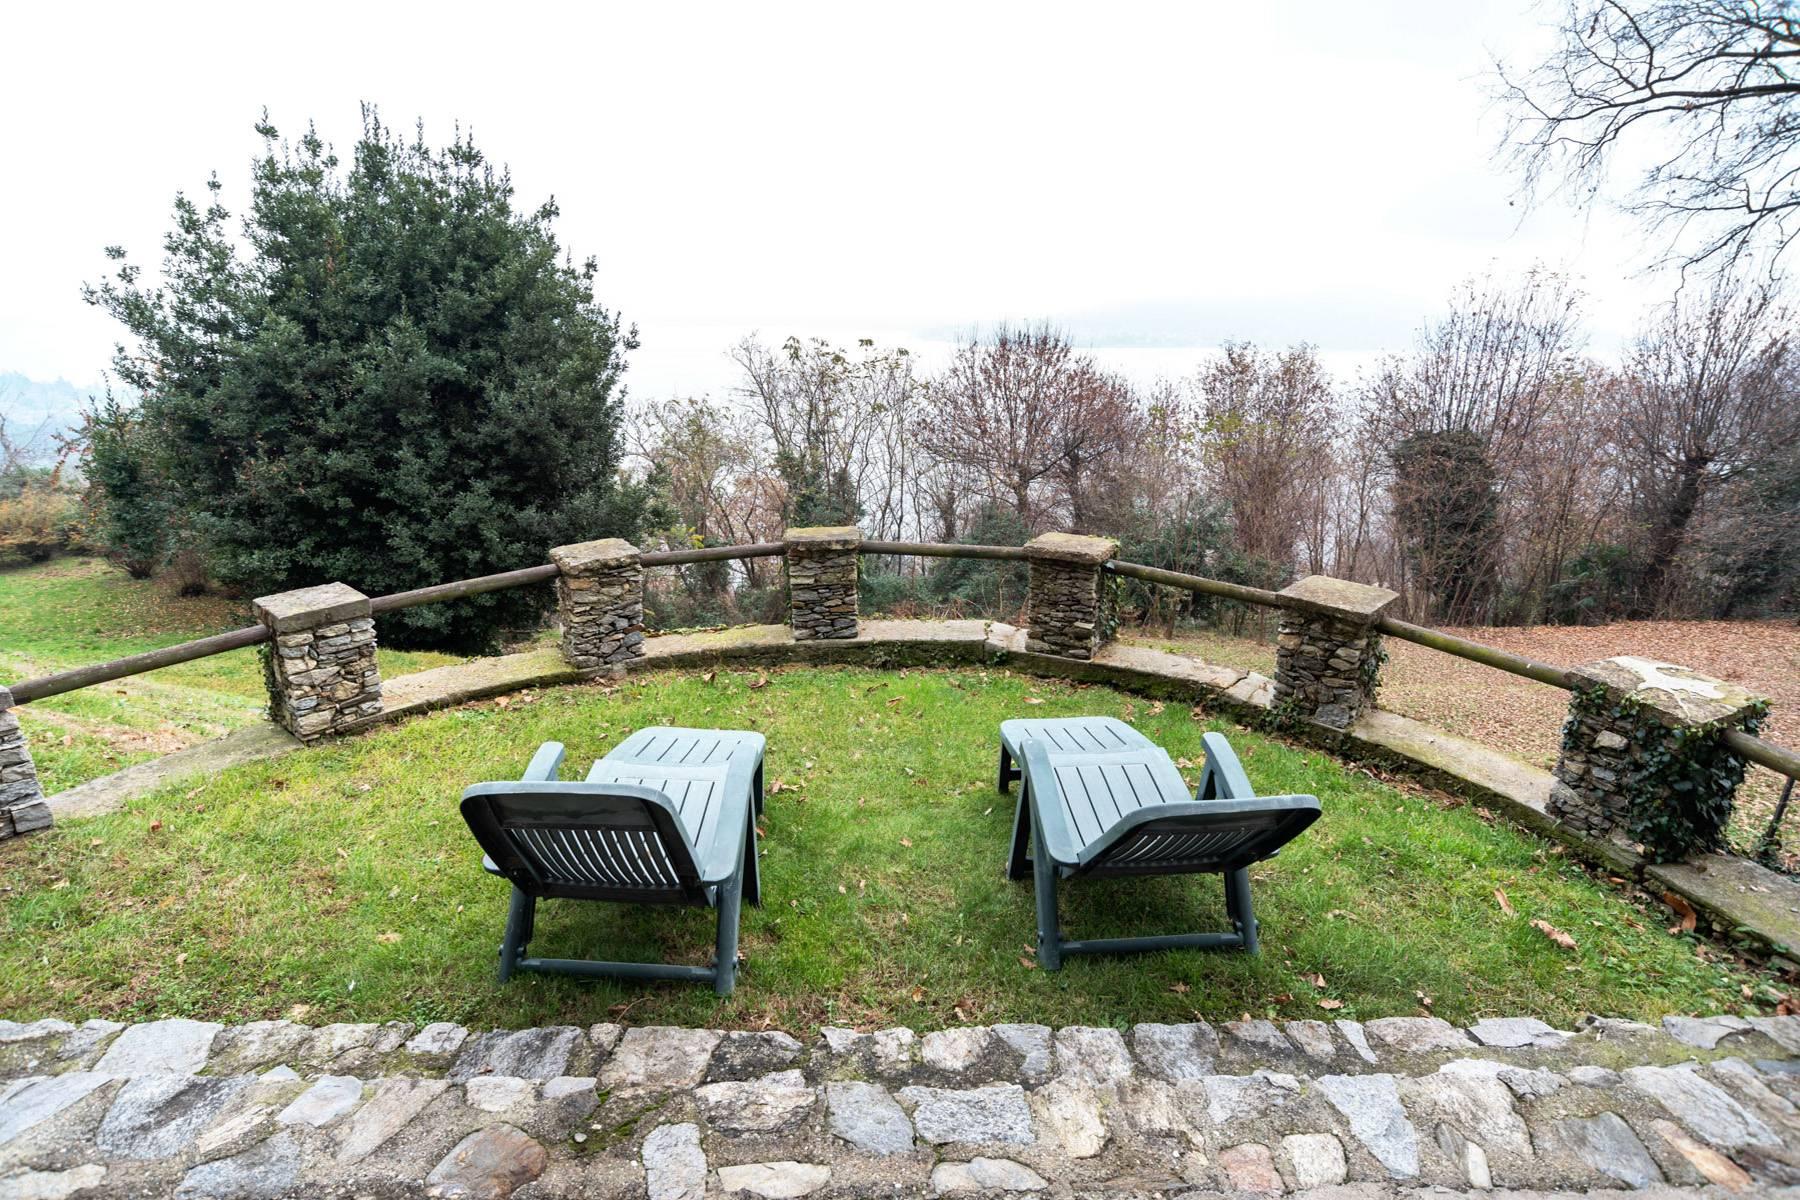 Villa in Vendita a Massino Visconti: 5 locali, 200 mq - Foto 1